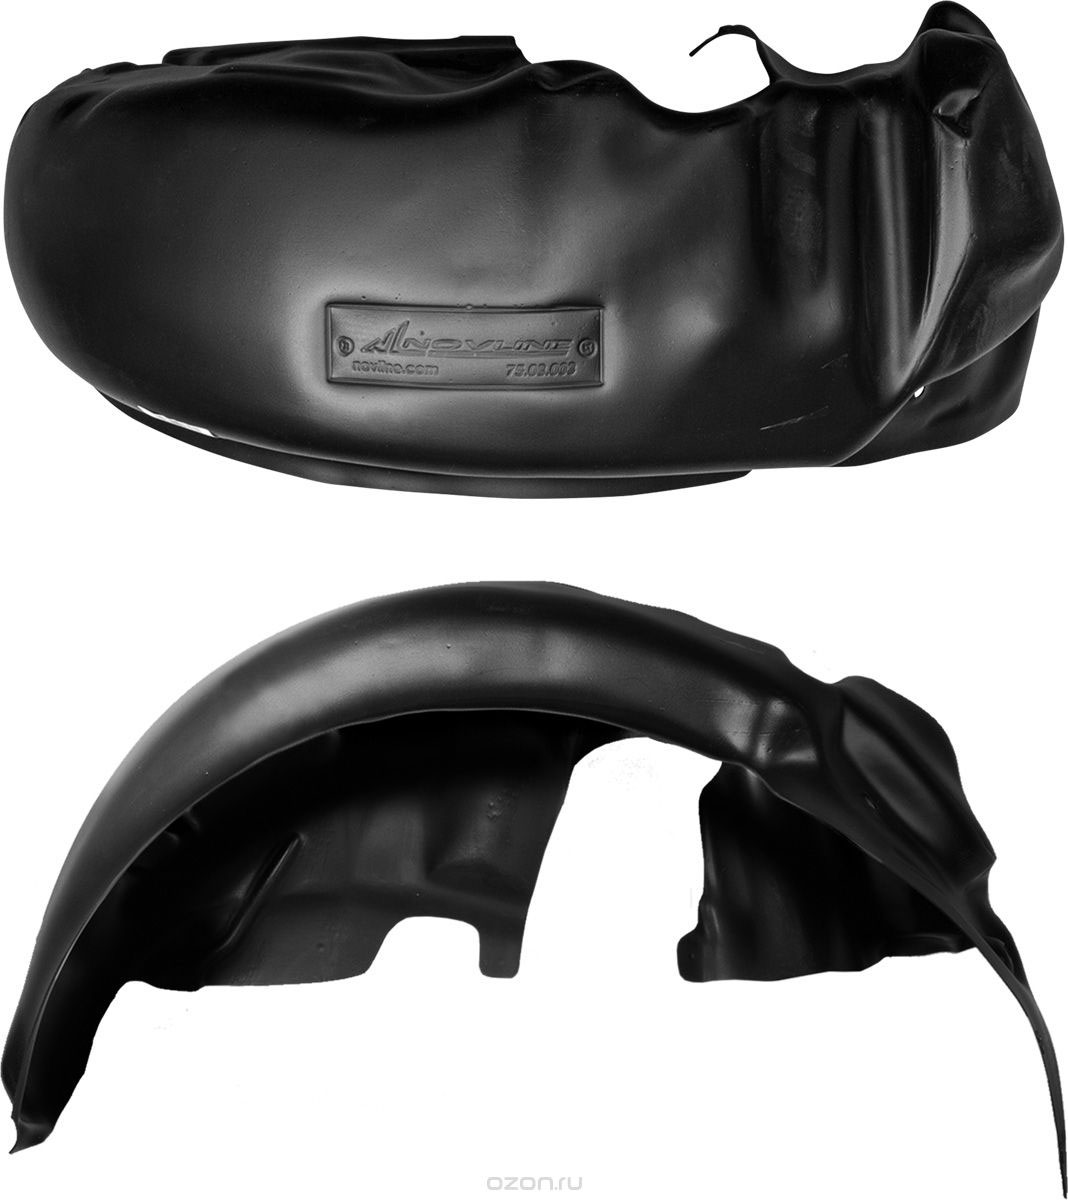 Подкрылок Novline-Autofamily, для DAEWOO Matiz 2005->, передний правый44005003Идеальная защита колесной ниши. Локеры разработаны с применением цифровых технологий, гарантируют максимальную повторяемость поверхности арки. Изделия устанавливаются без нарушения лакокрасочного покрытия автомобиля, каждый подкрылок комплектуется крепежом. Уважаемые клиенты, обращаем ваше внимание, что фотографии на подкрылки универсальные и не отражают реальную форму изделия. При этом само изделие идет точно под размер указанного автомобиля.